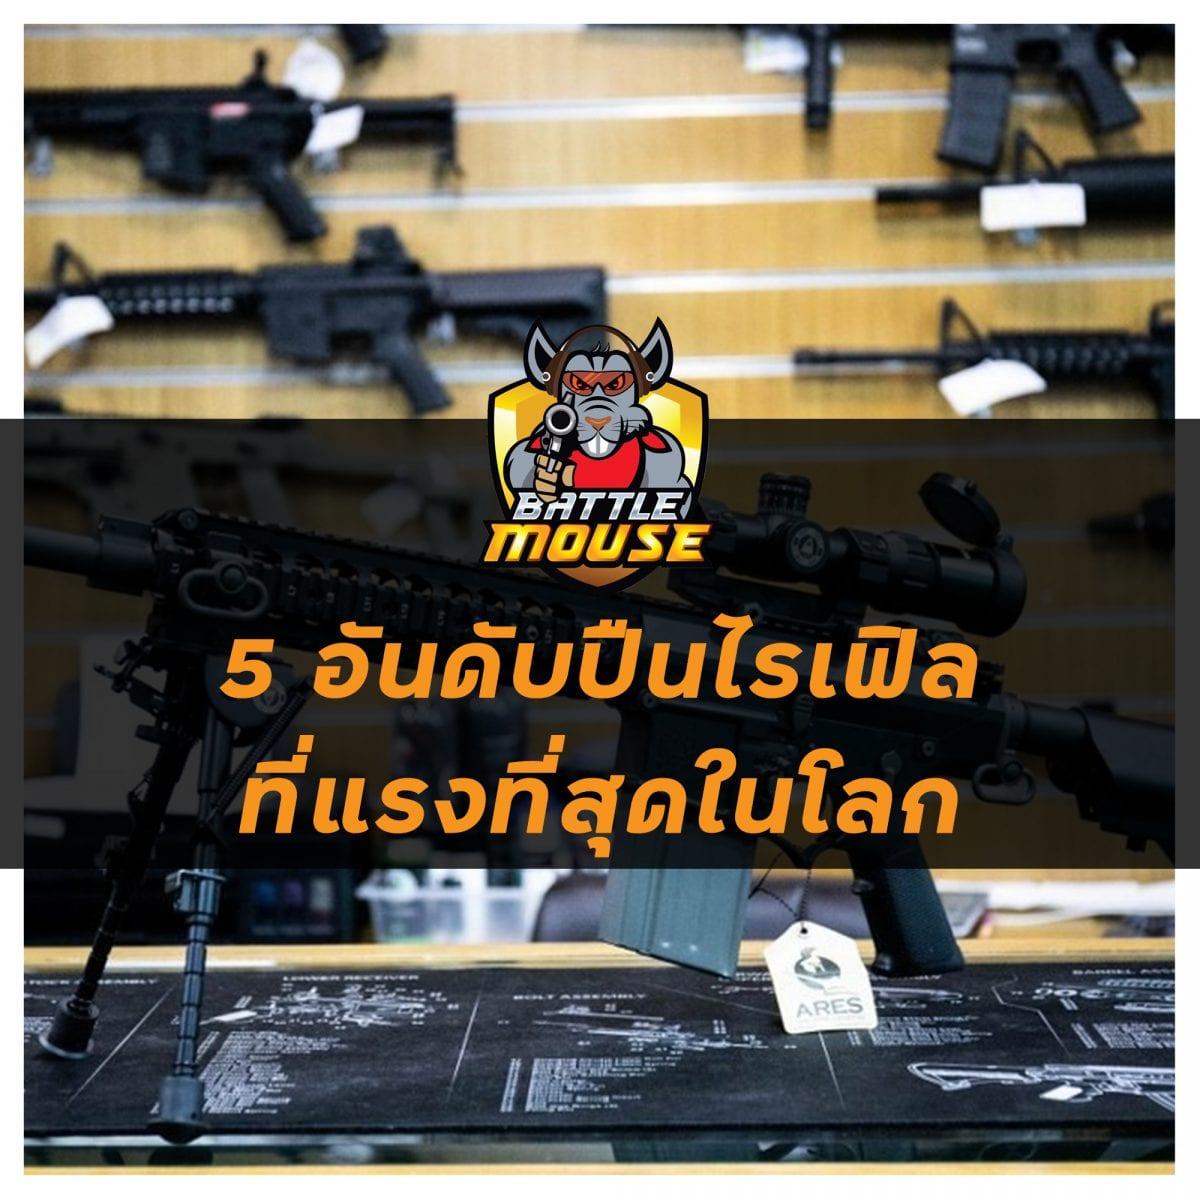 5 อันดับปืนไรเฟิลที่แรงที่สุดในโลก